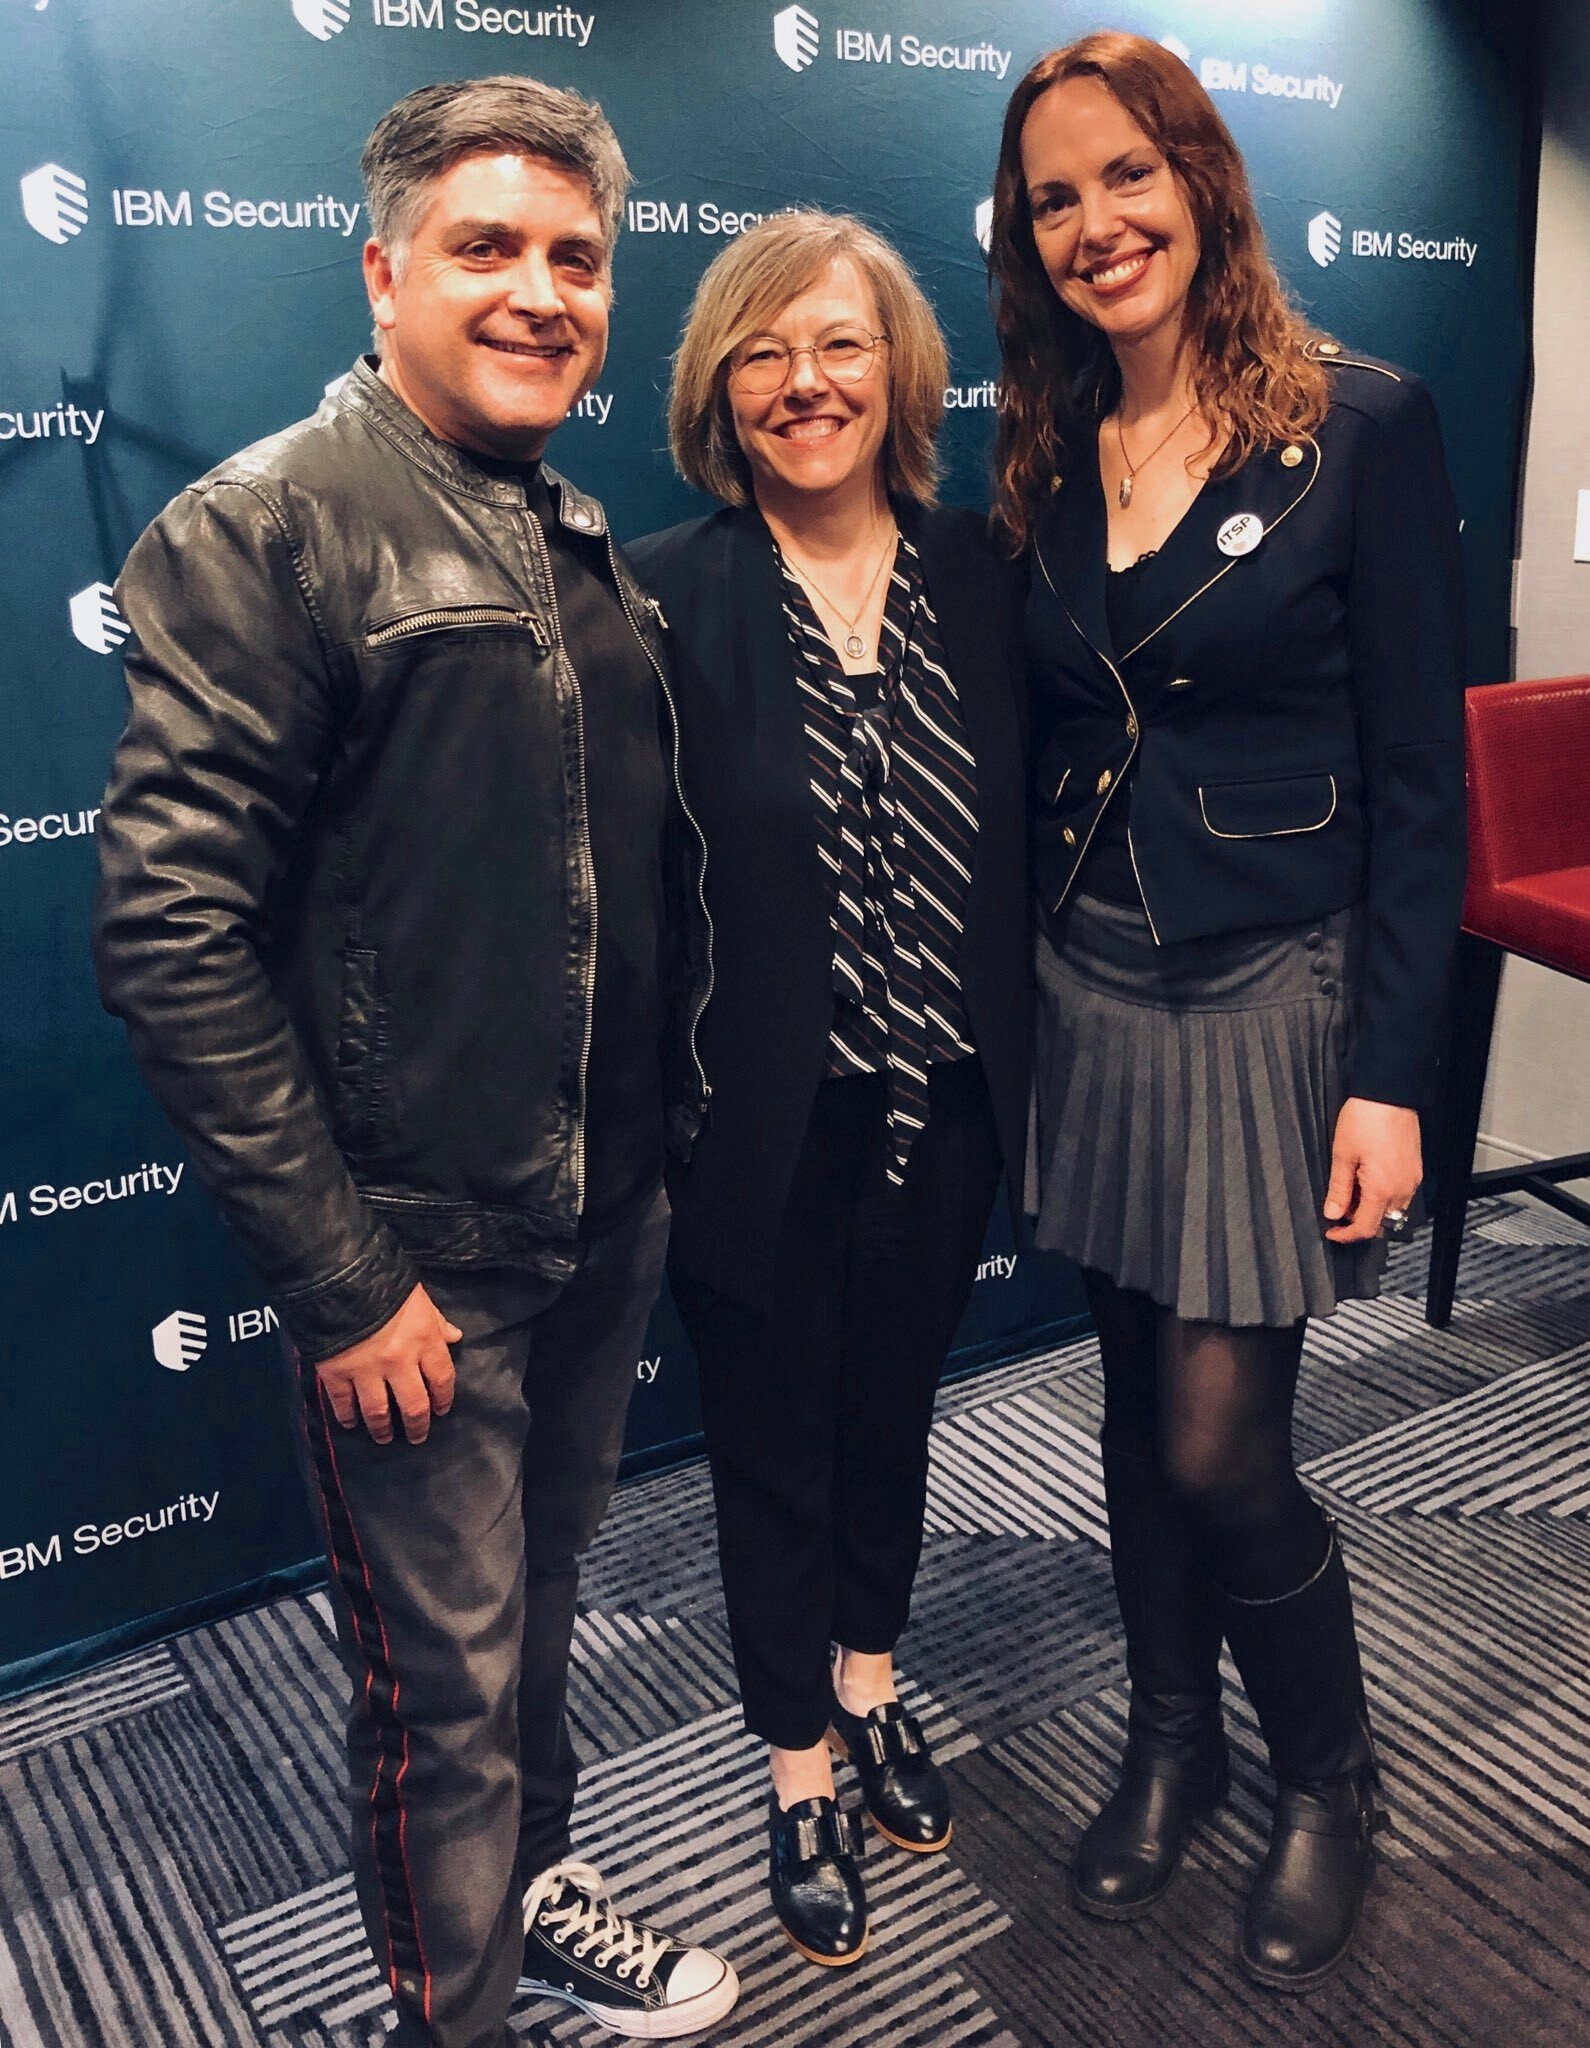 Sean Martin, Heather Ricciuto (IBM), Selena Templeton